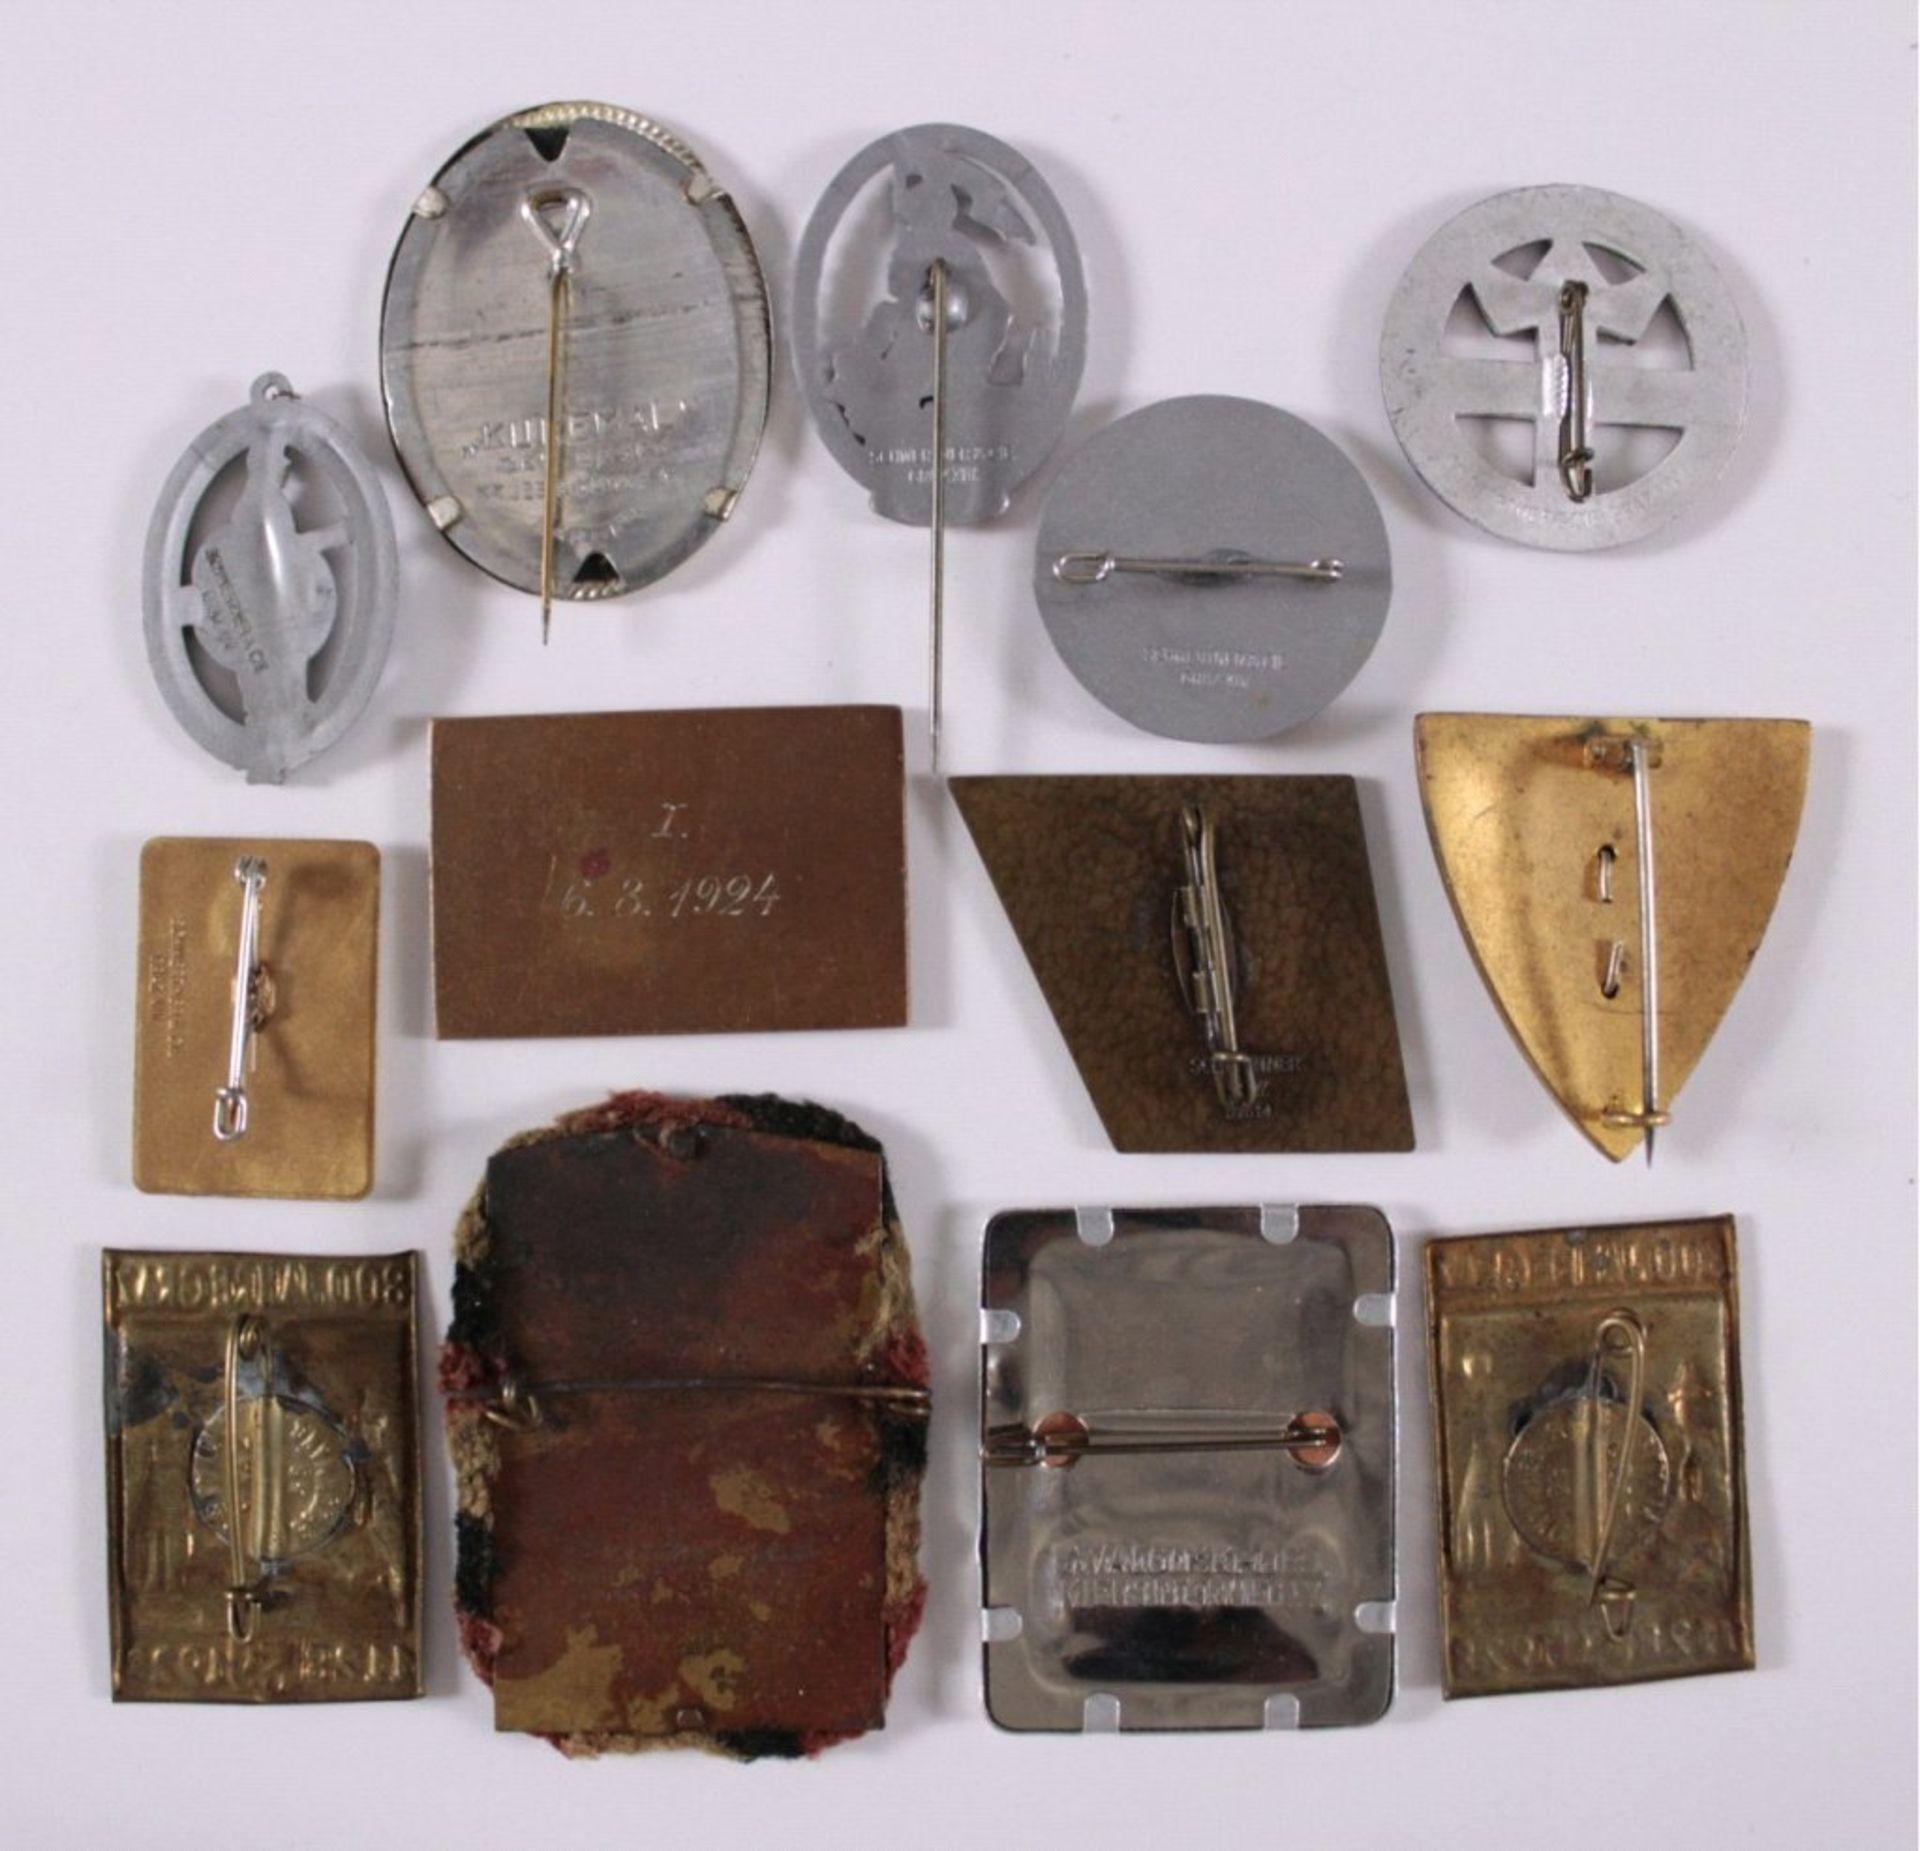 Tagungs- und Veranstaltungsabzeichen Graz13 Stück von 1906-1991. Unterschiedliche Materialien, - Bild 2 aus 2